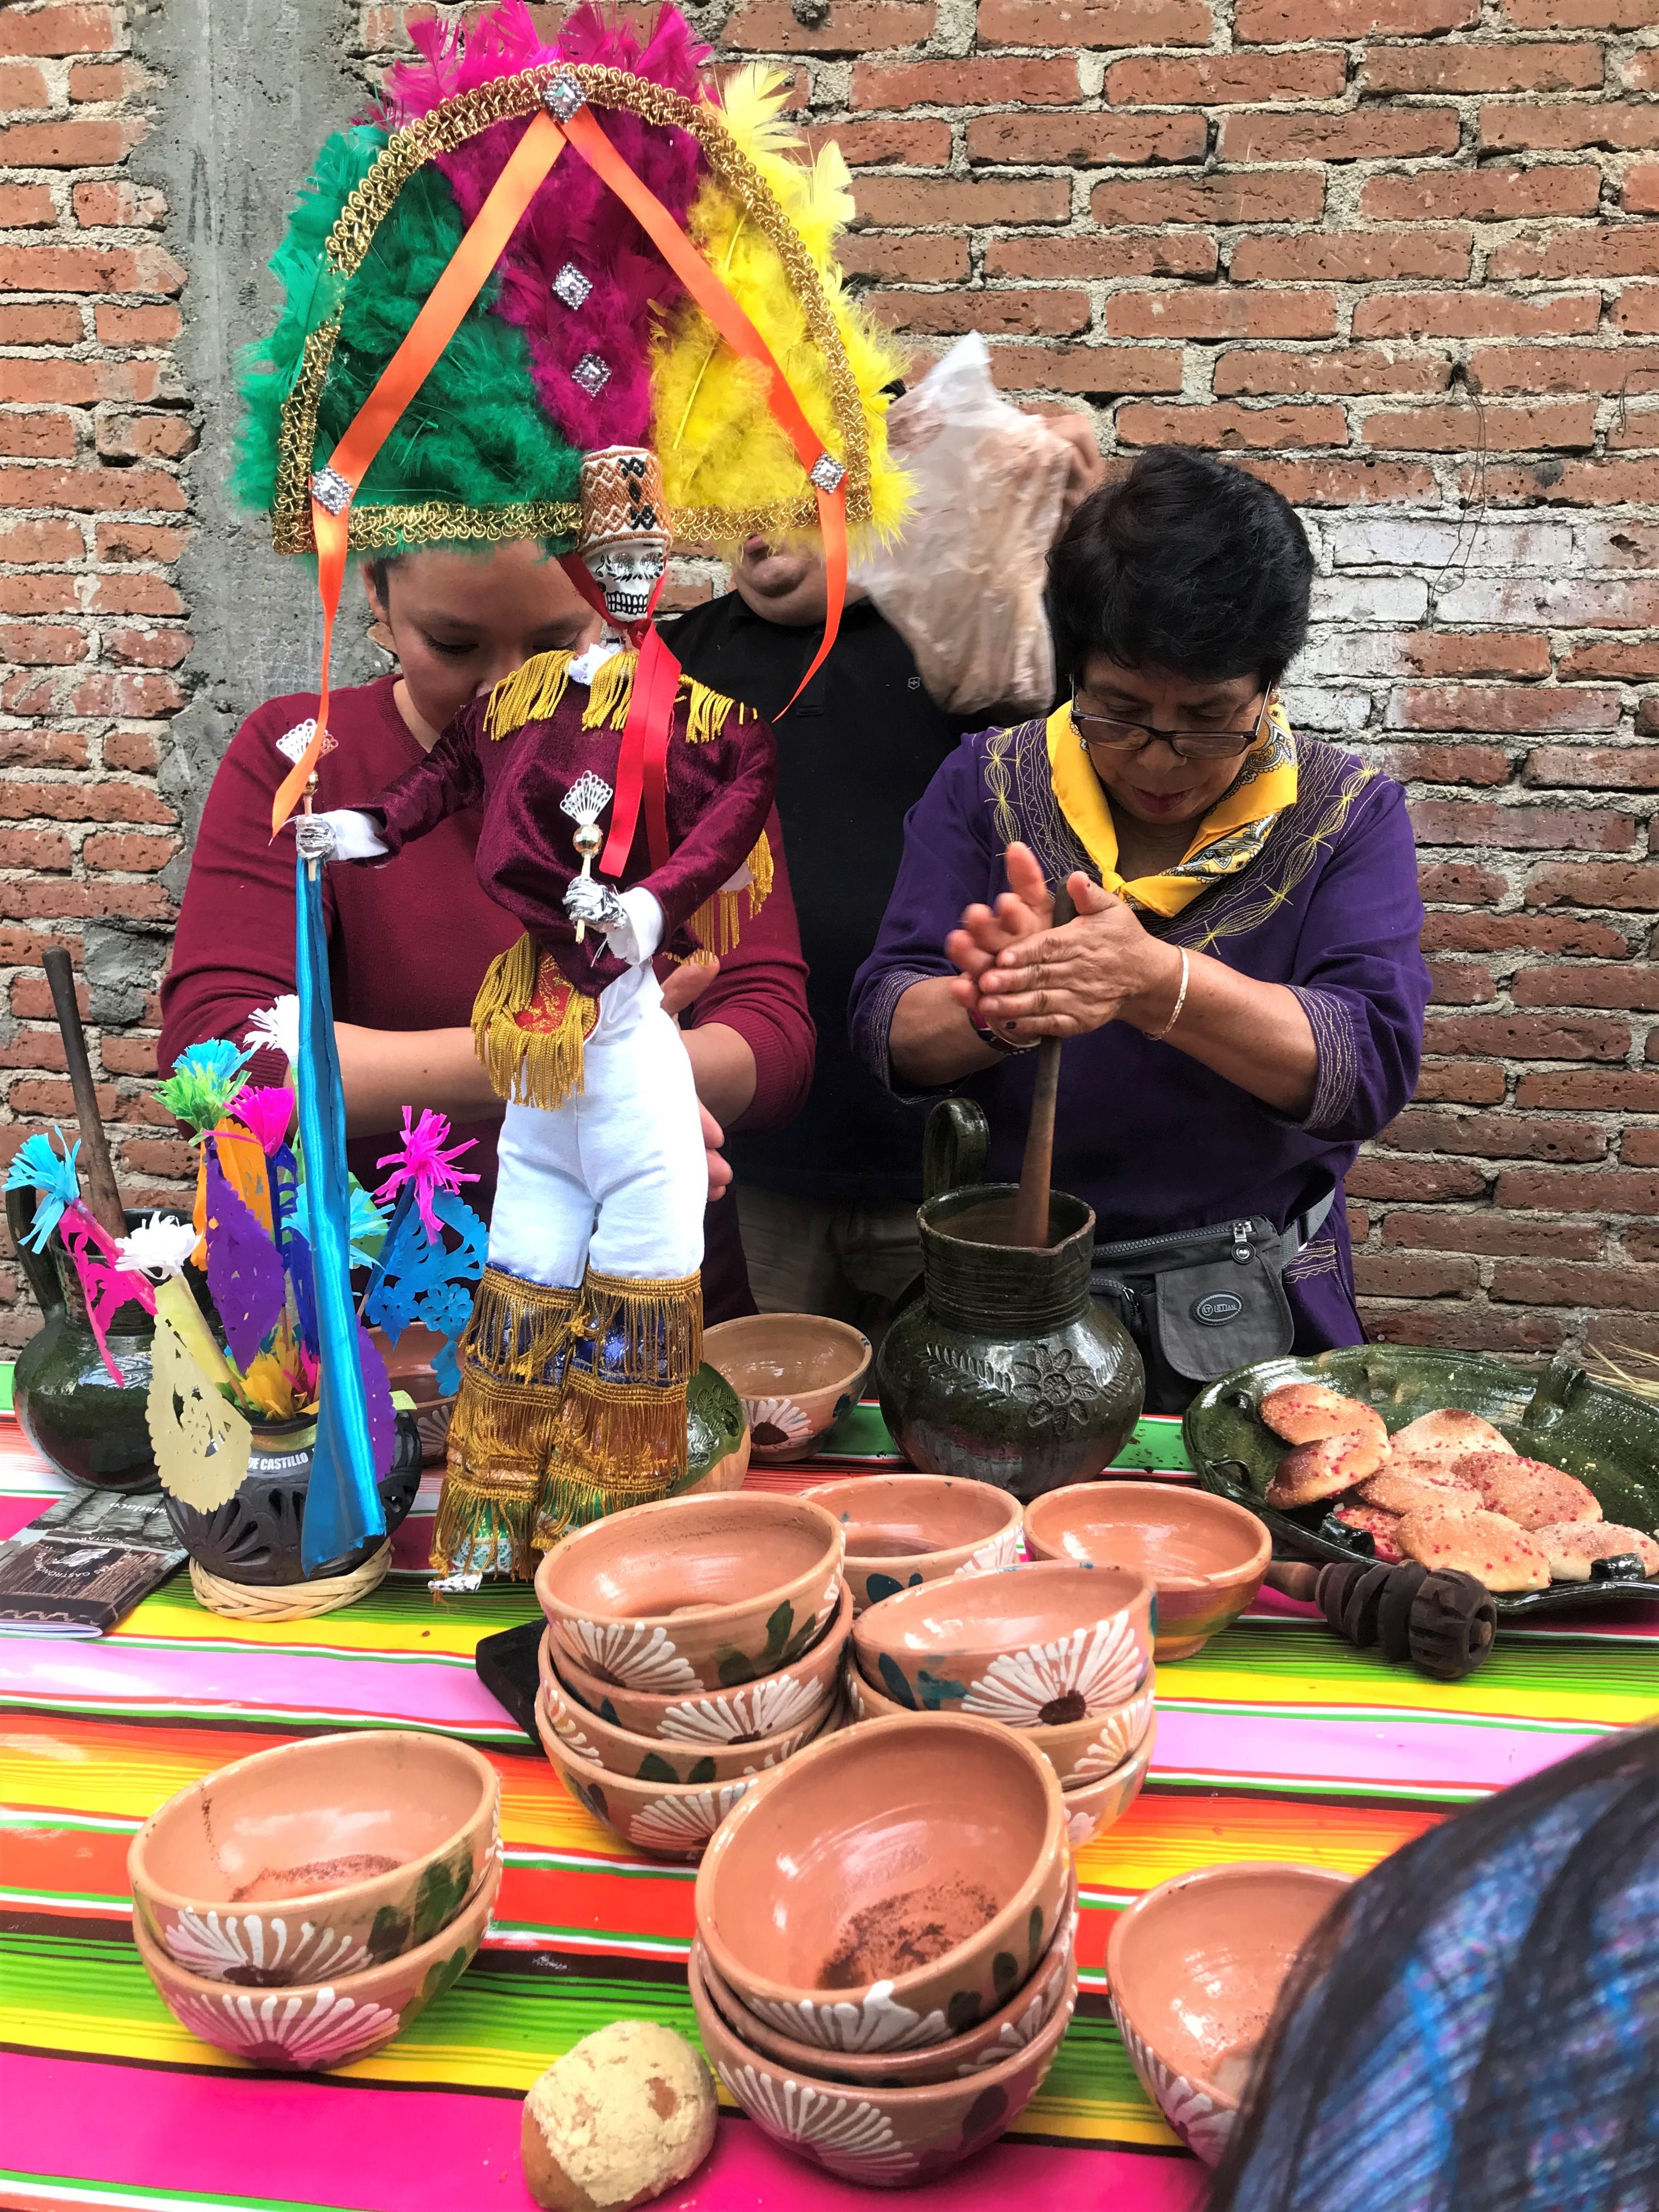 recorrido de comida tradicional barrio jalatlaco oaxaca